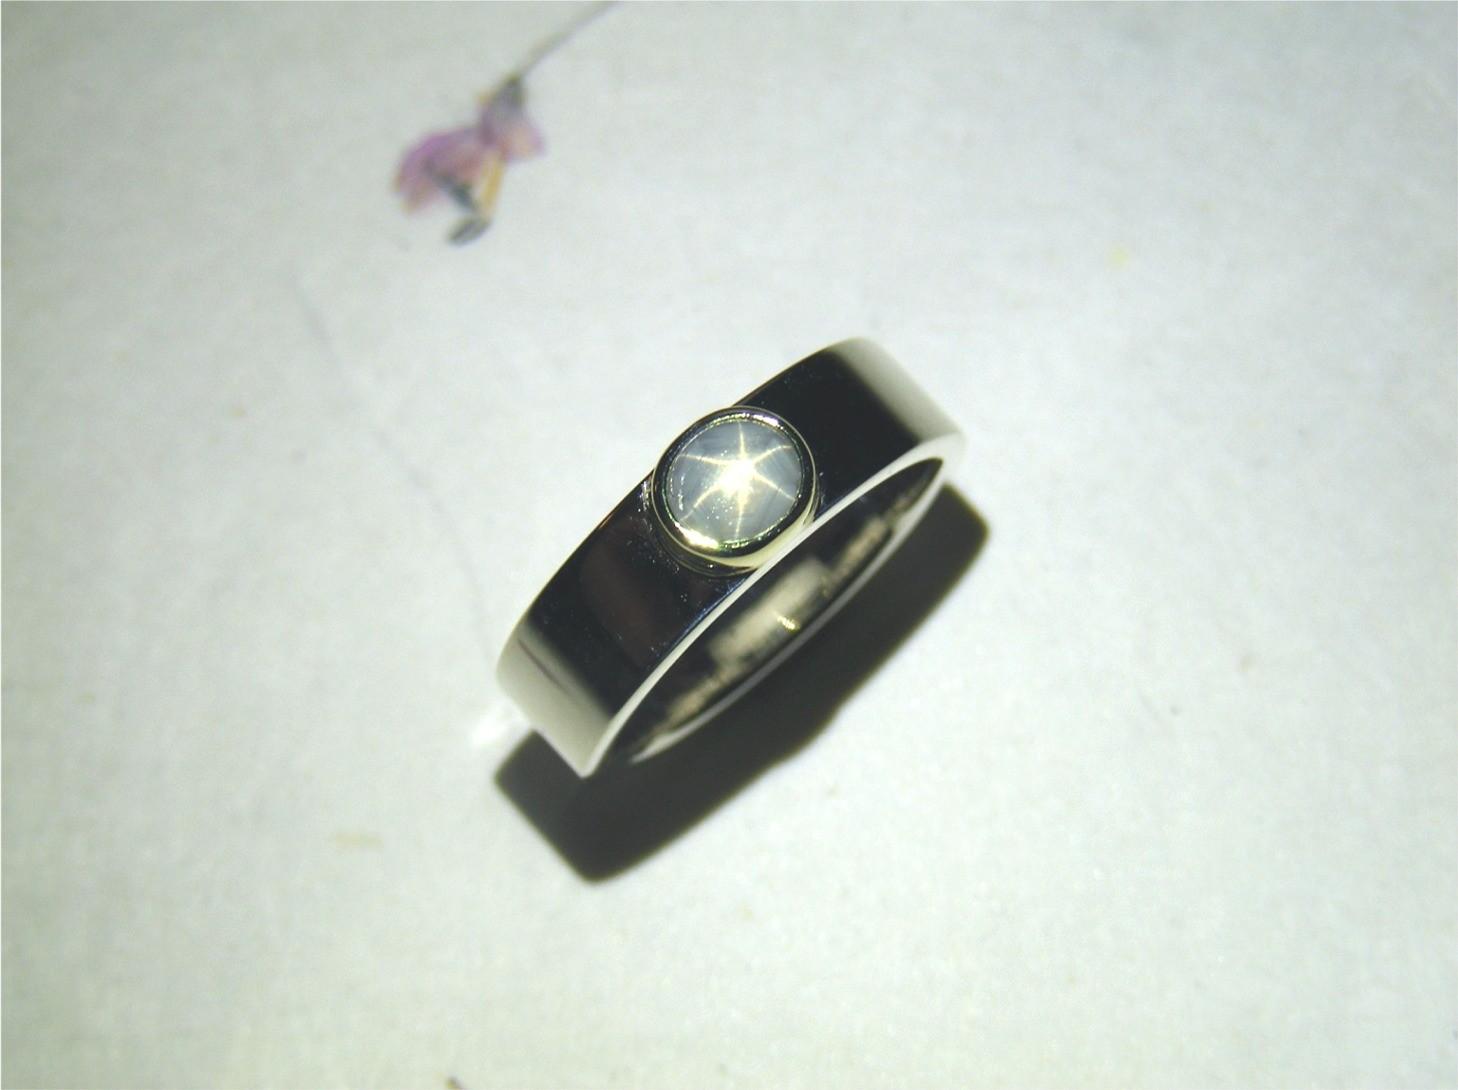 zilver, 14kt geelgoud en lichtgrijze sterkorund